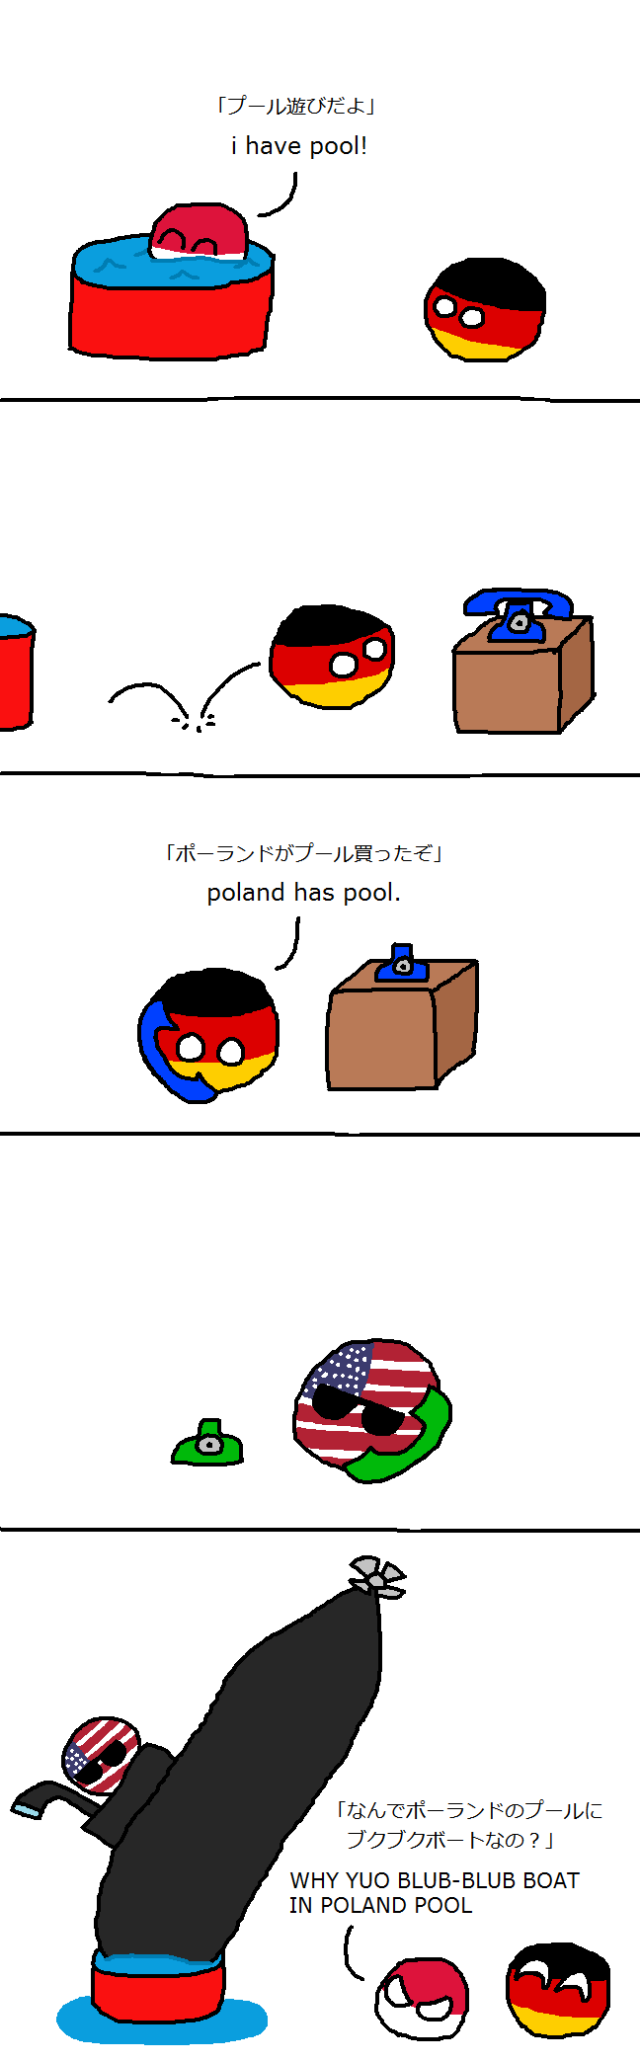 Polandball-Poland09